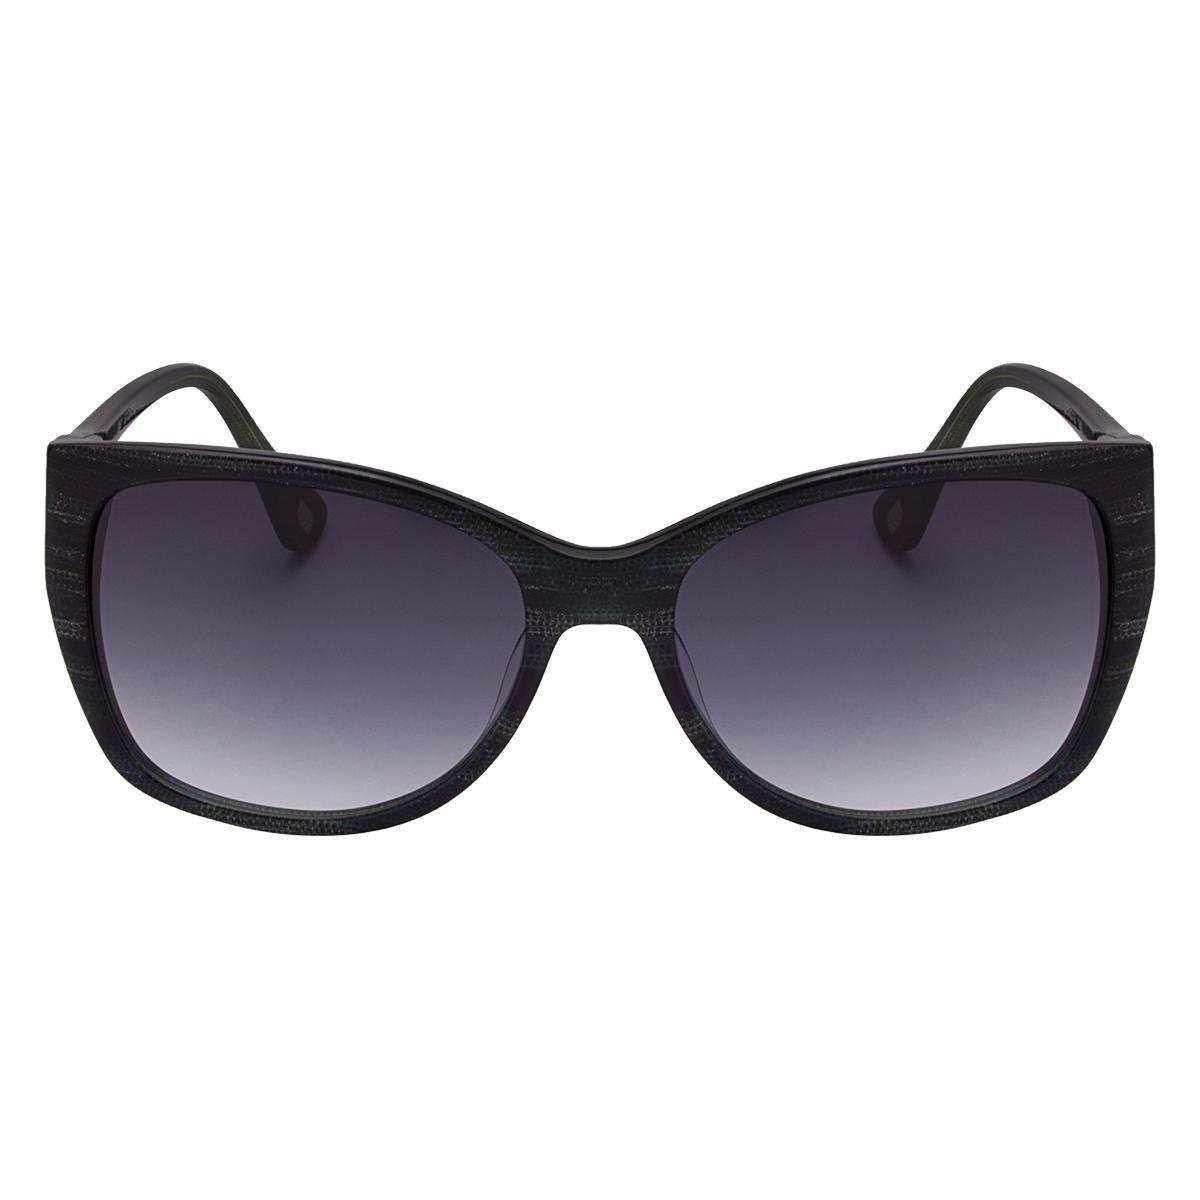 b11bc8bdced67 Óculos De Sol It Eyewear Luxury A118 Feminino - Compre Agora